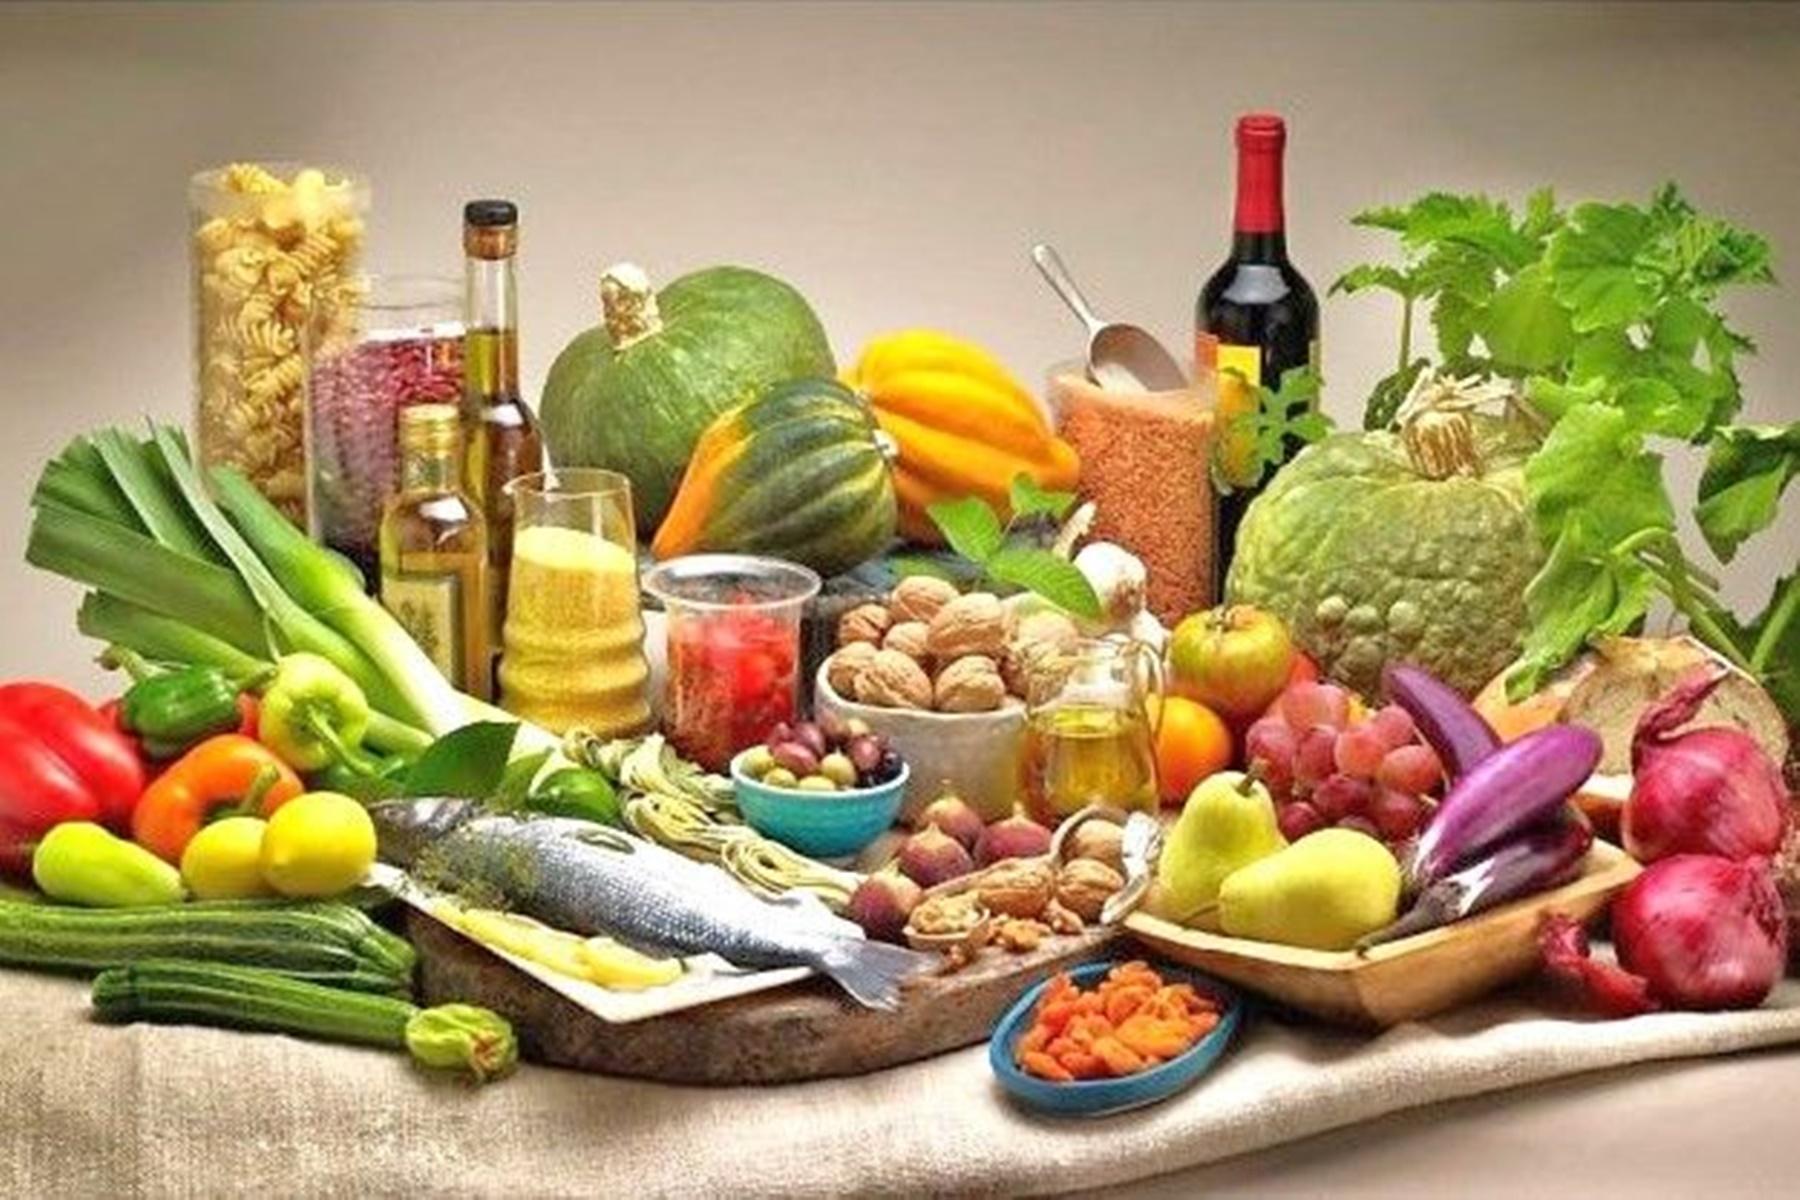 Διατροφή : 2 άκρως υγιεινά και ελληνικά τρόφιμα